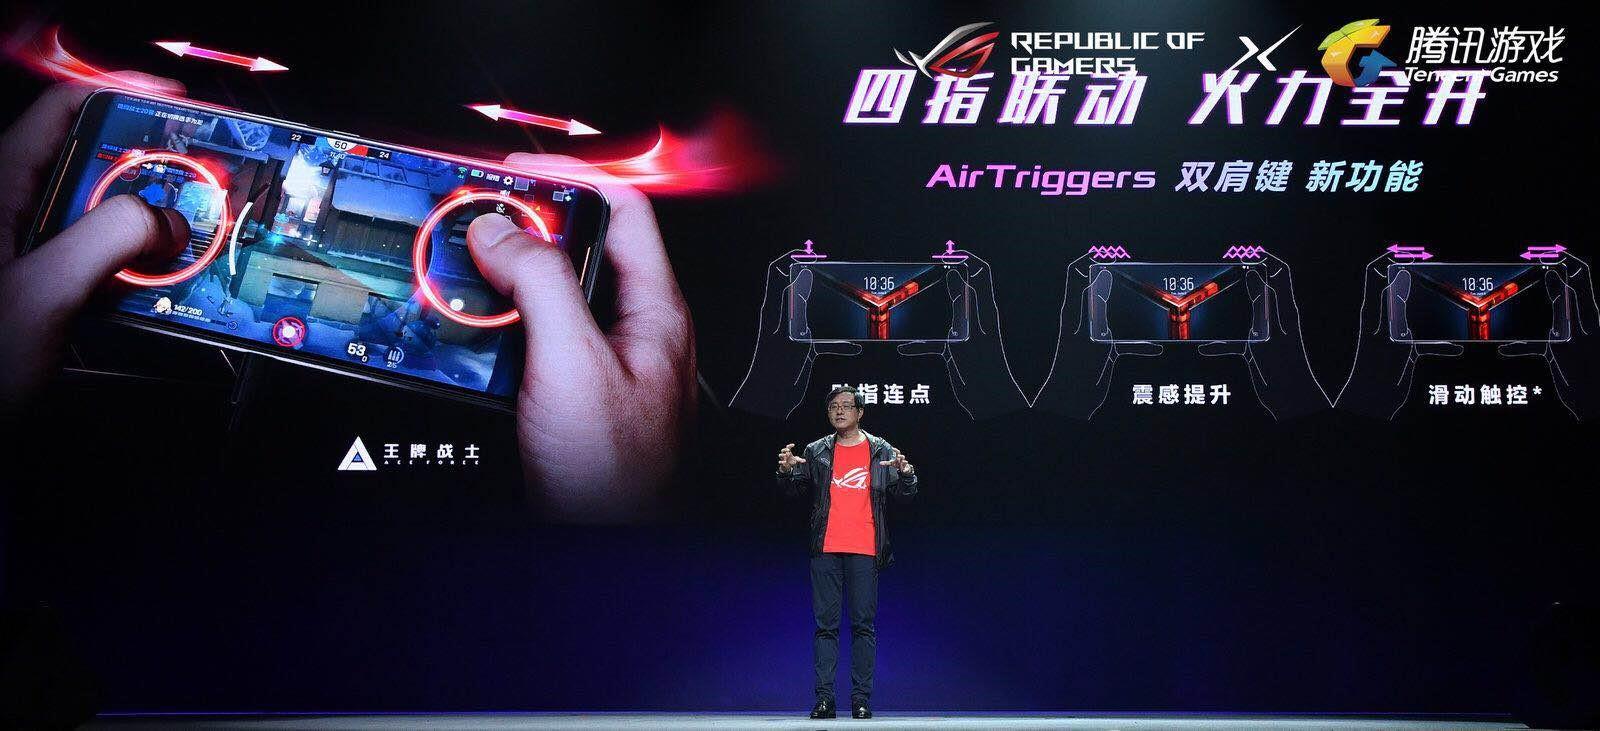 """游戏综合资讯-免费yoqq""""天生BUFF""""强势登场,ROG游戏手机2正式发布yoqq资源(7)"""